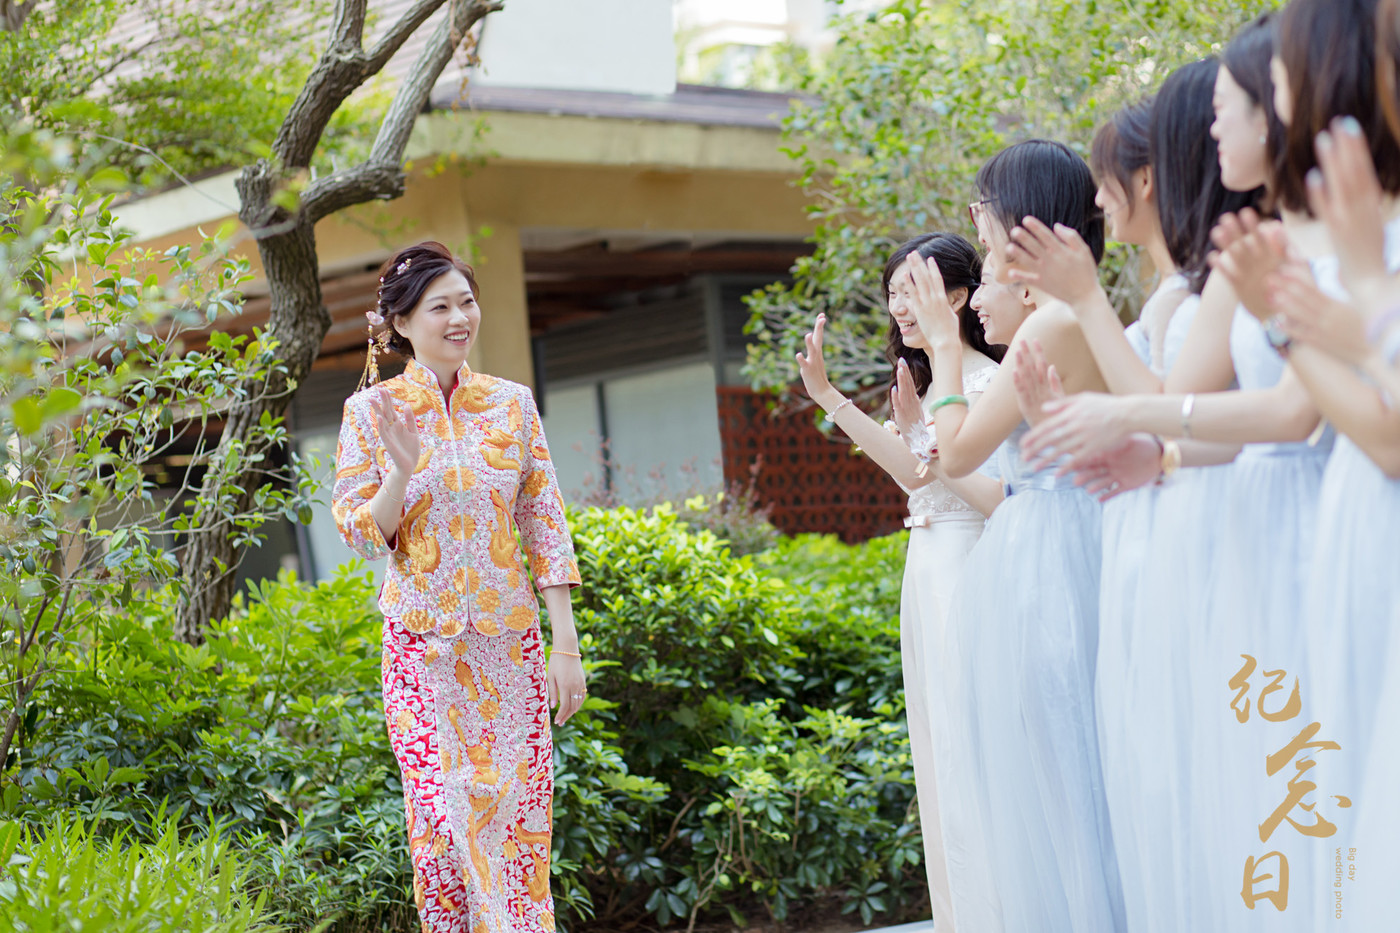 婚礼 | 志明&琳琳23